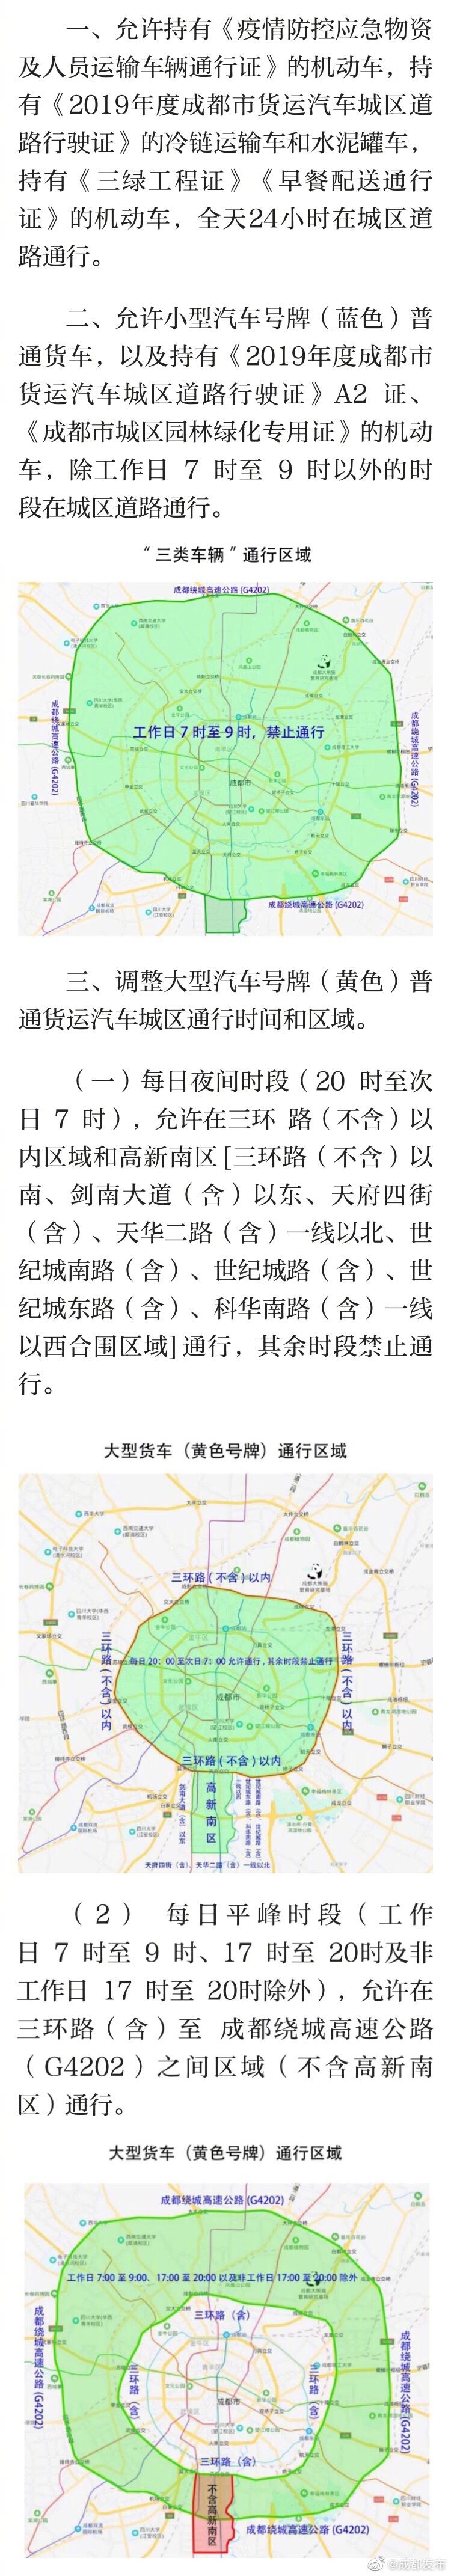 市交管局发布通告:27日起货运汽车城区通行管理规定调整